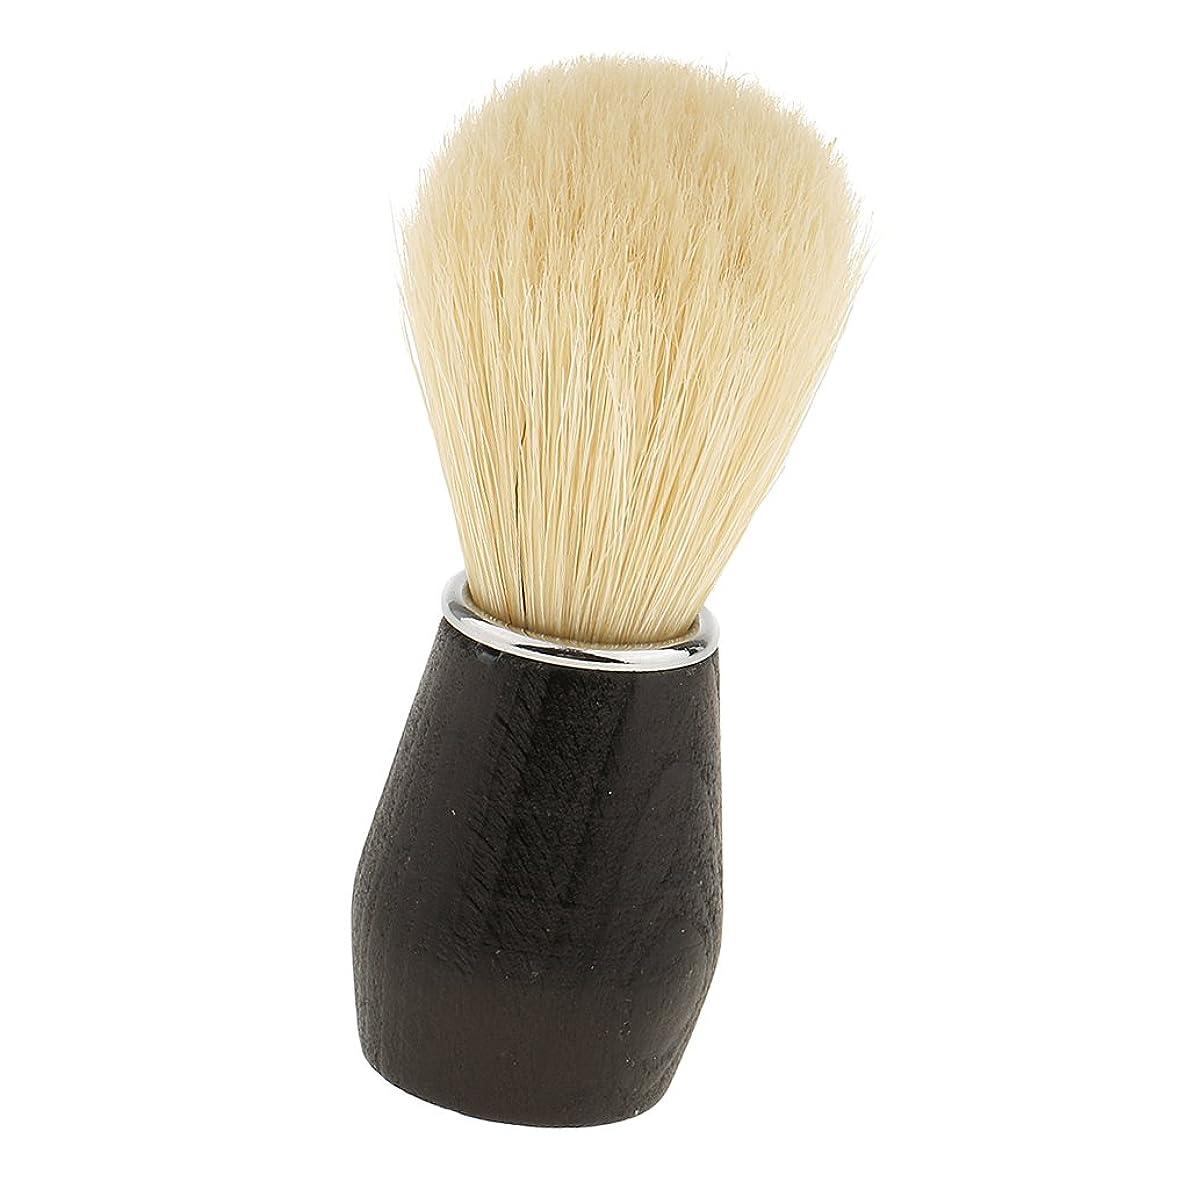 区別する三番歌手dailymall ひげ剃りブラシ シェービングブラシ メンズ 髭剃り プロフェッショナル ひげ剃り 美容ツール